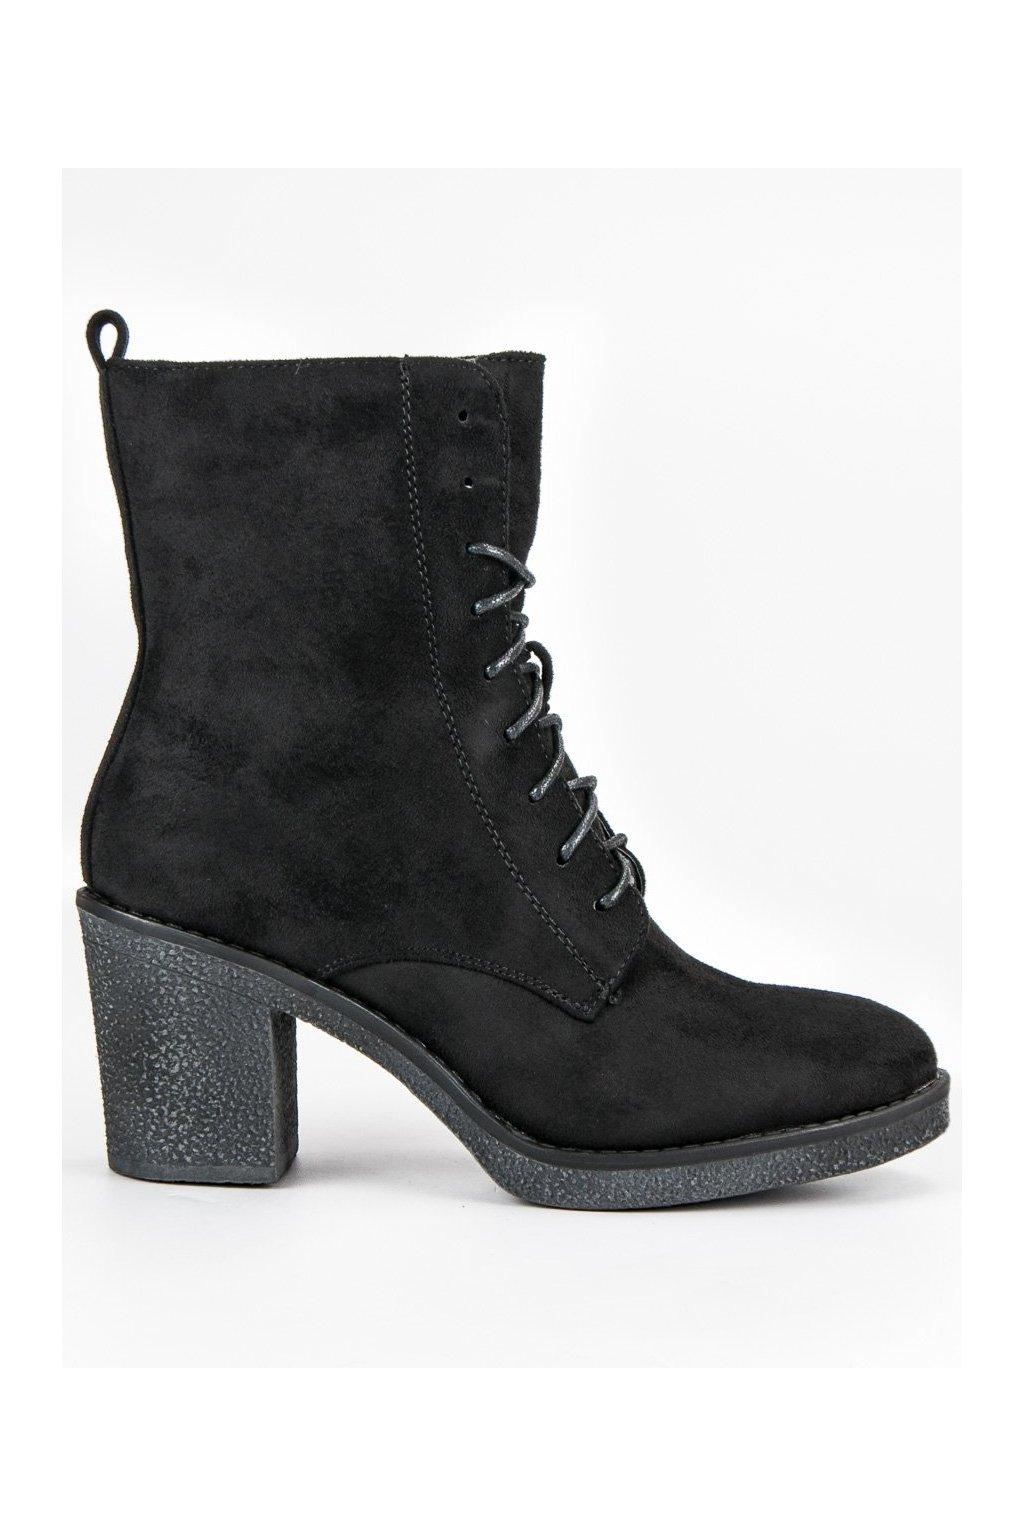 Čierne členkové topánky na hrubom opätku Super Mode 3638B  c23cdfdf8ab